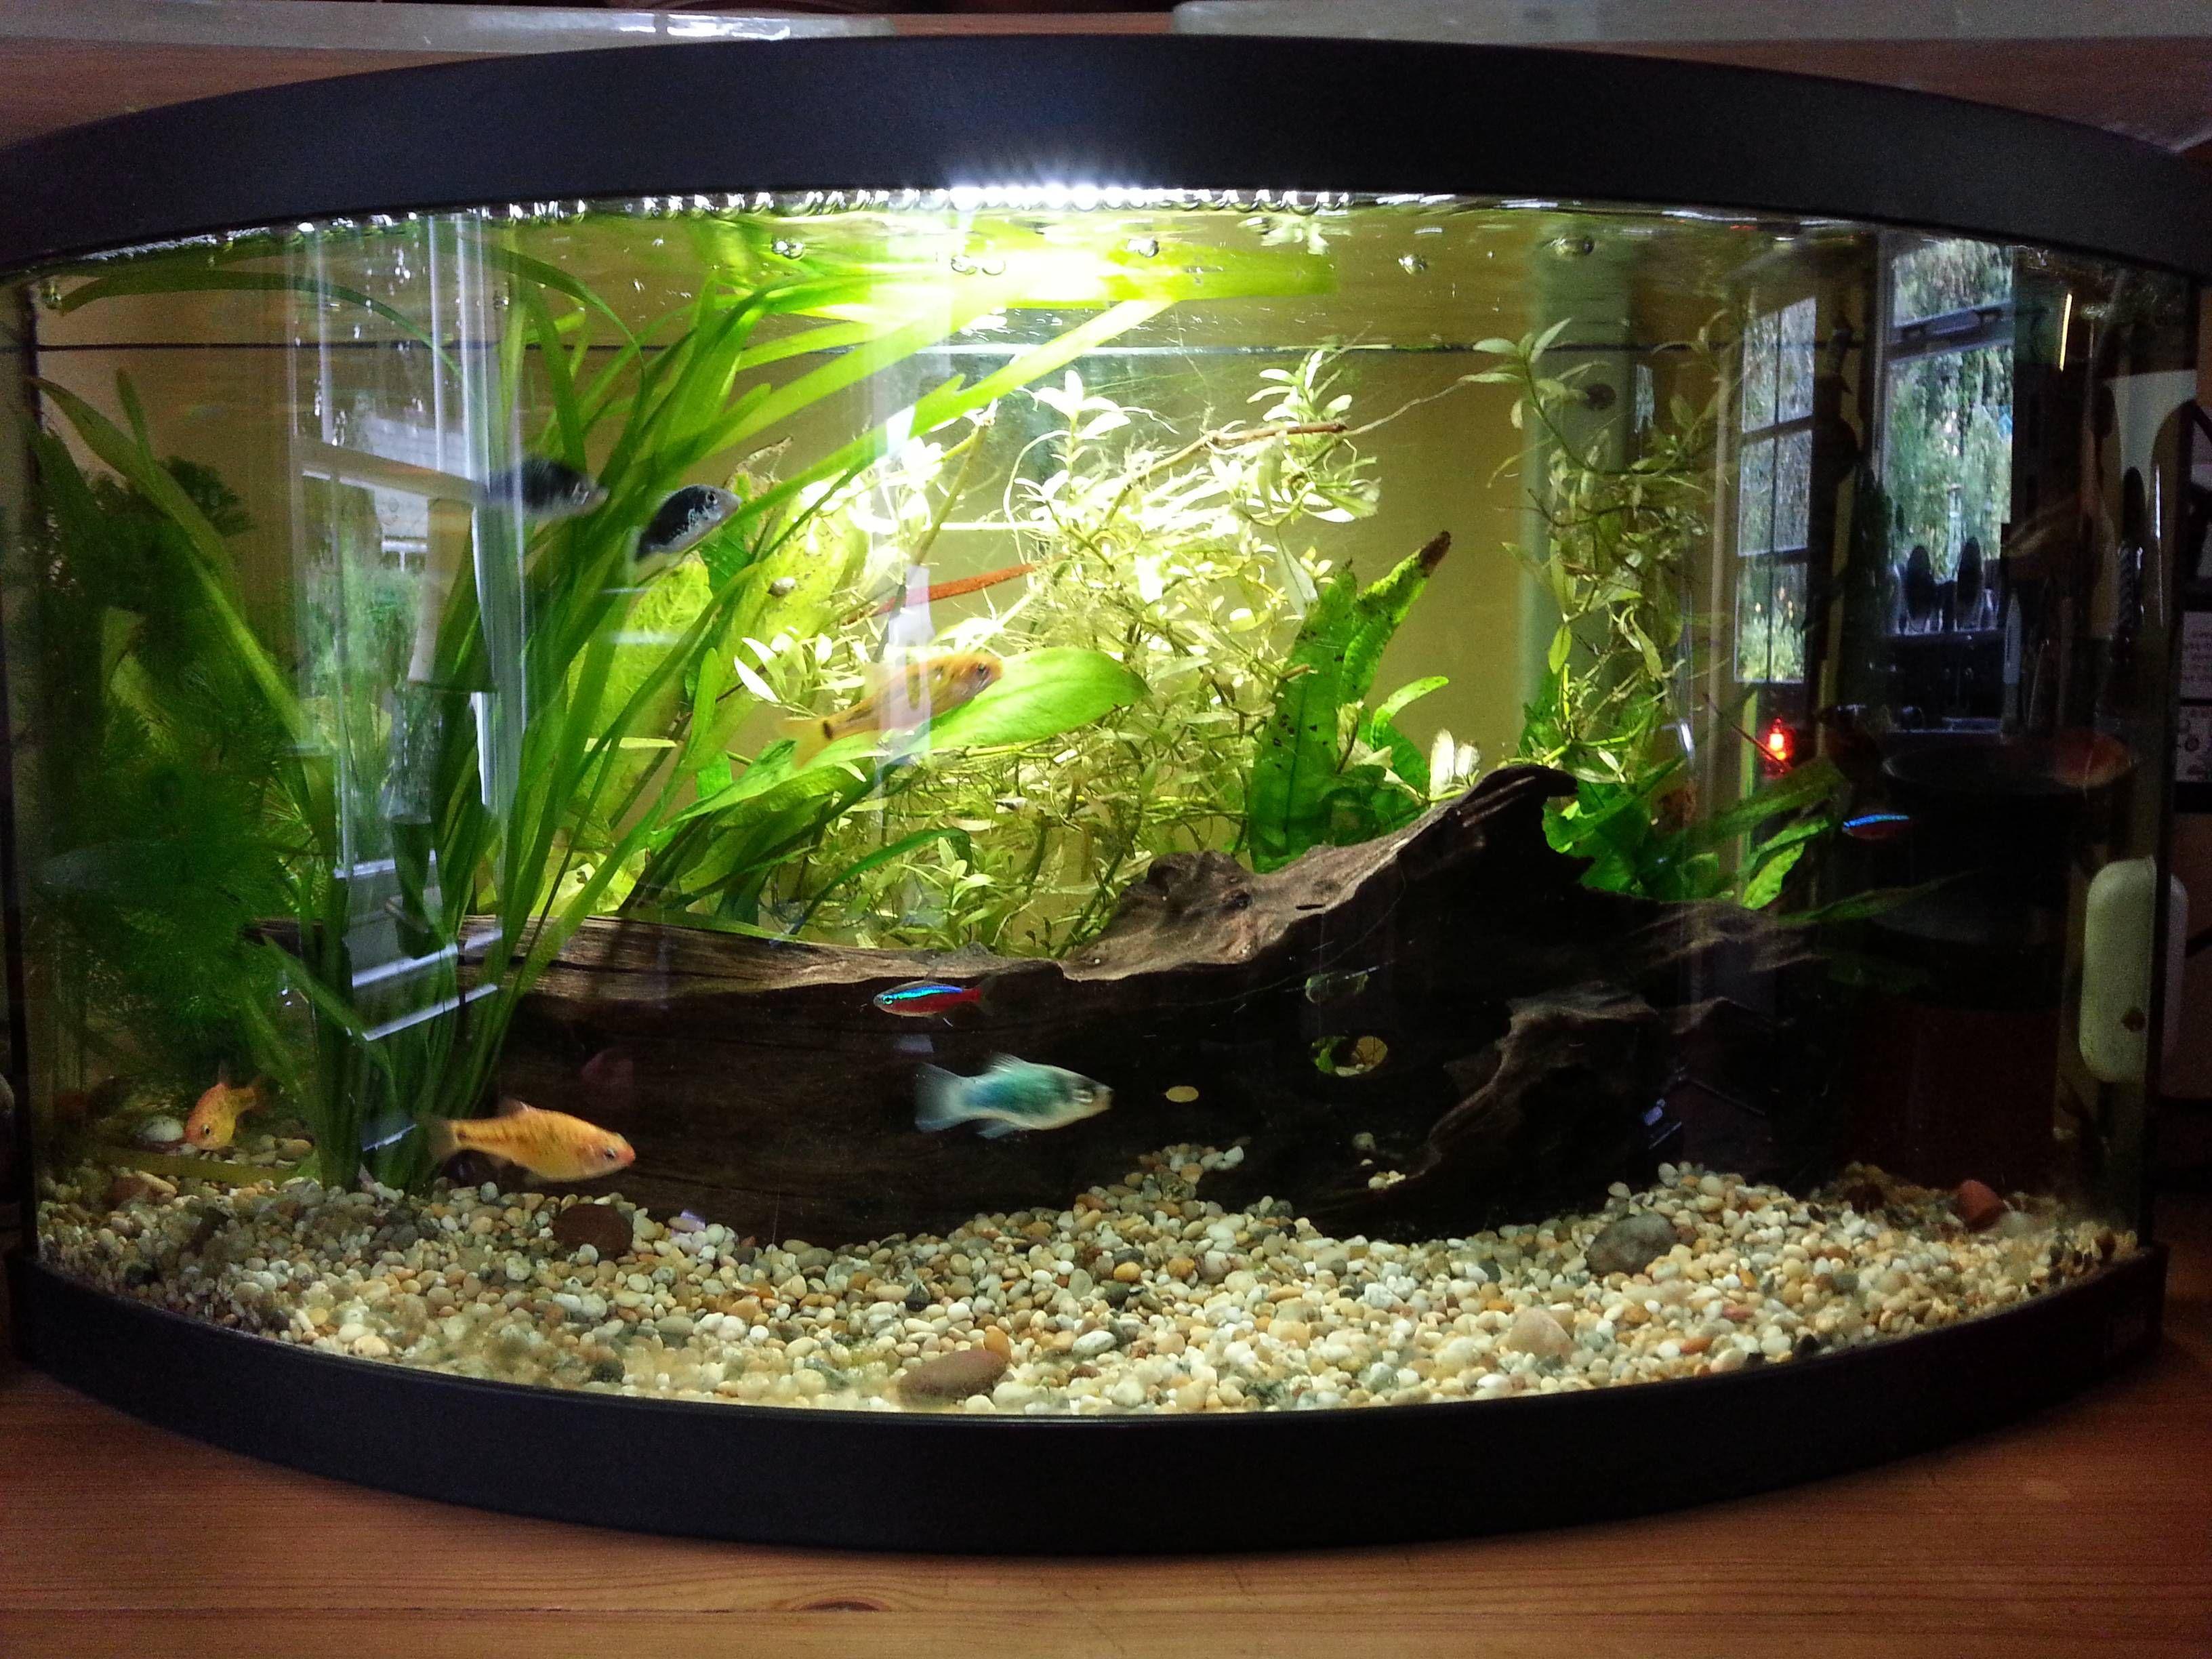 10 Gal Community Tank Reddit Com U Dylwil Aquarium Fish Tank Fish Tank Community Tanks